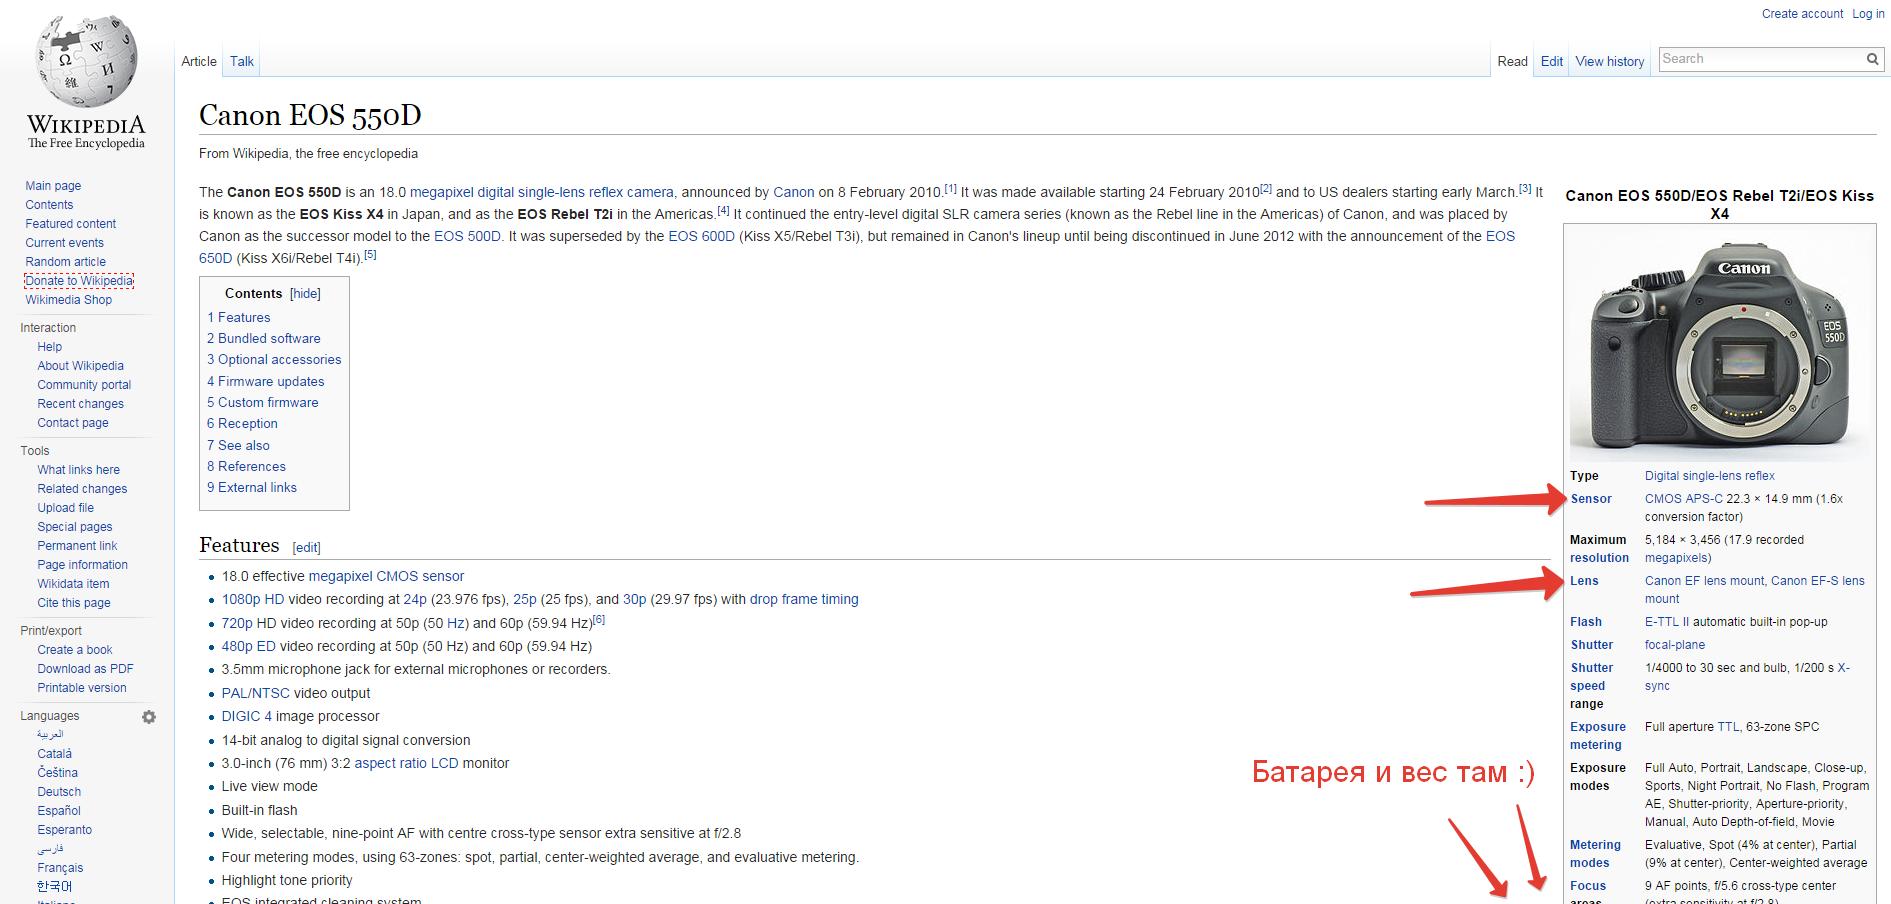 Пример данных в HTML таблице